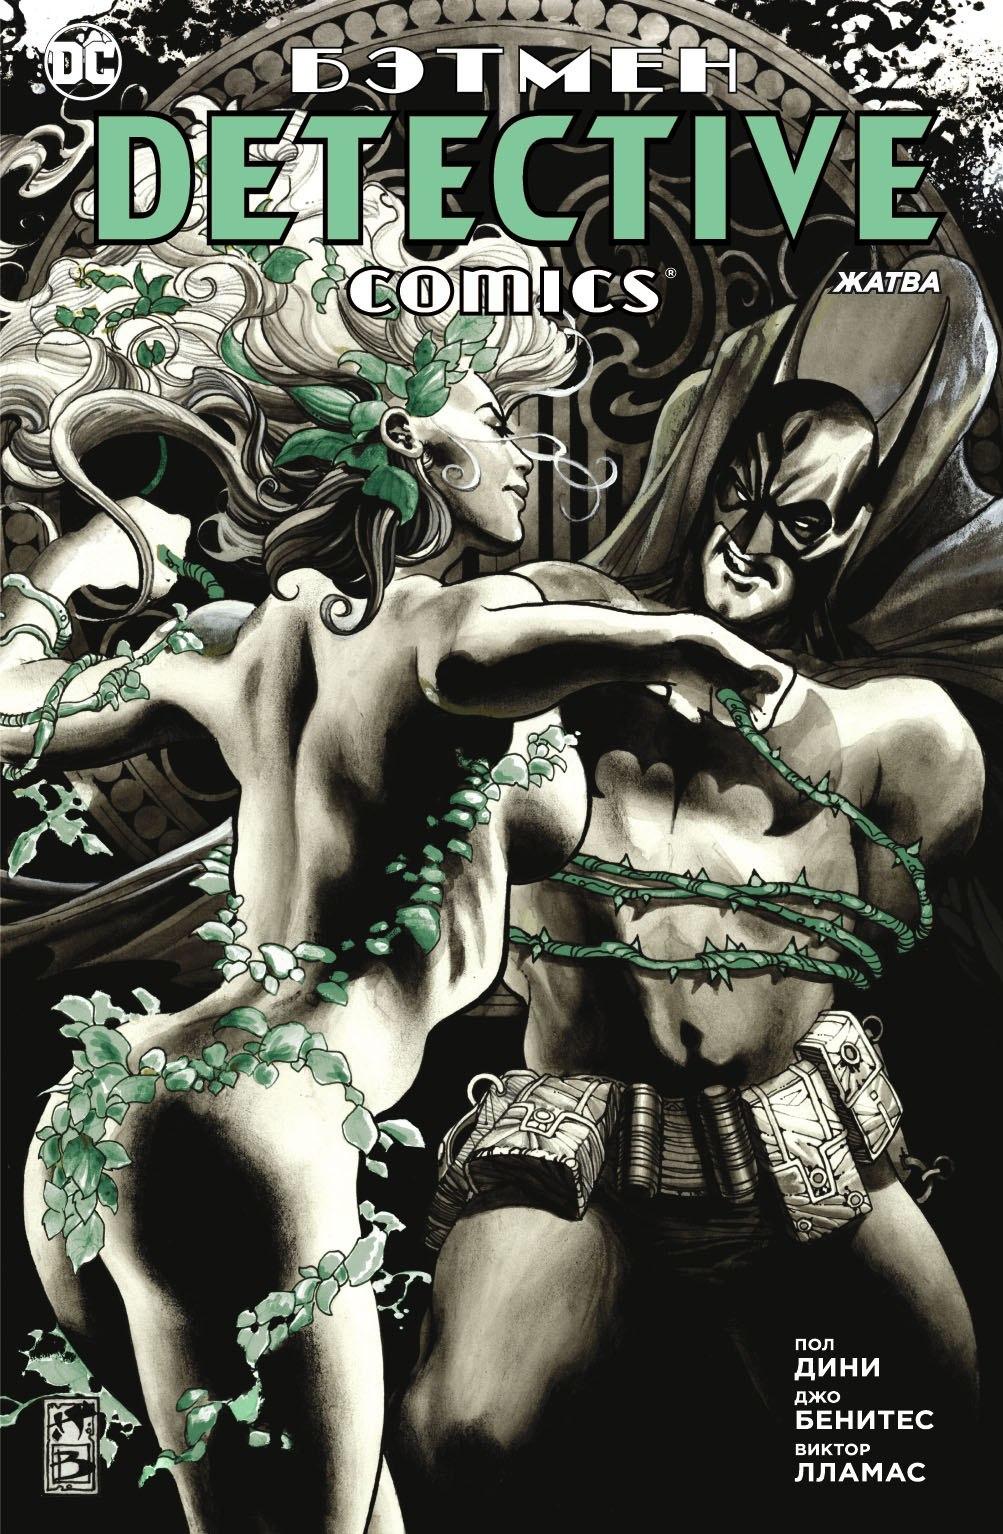 Бэтмен. Detective Comics. Жатва